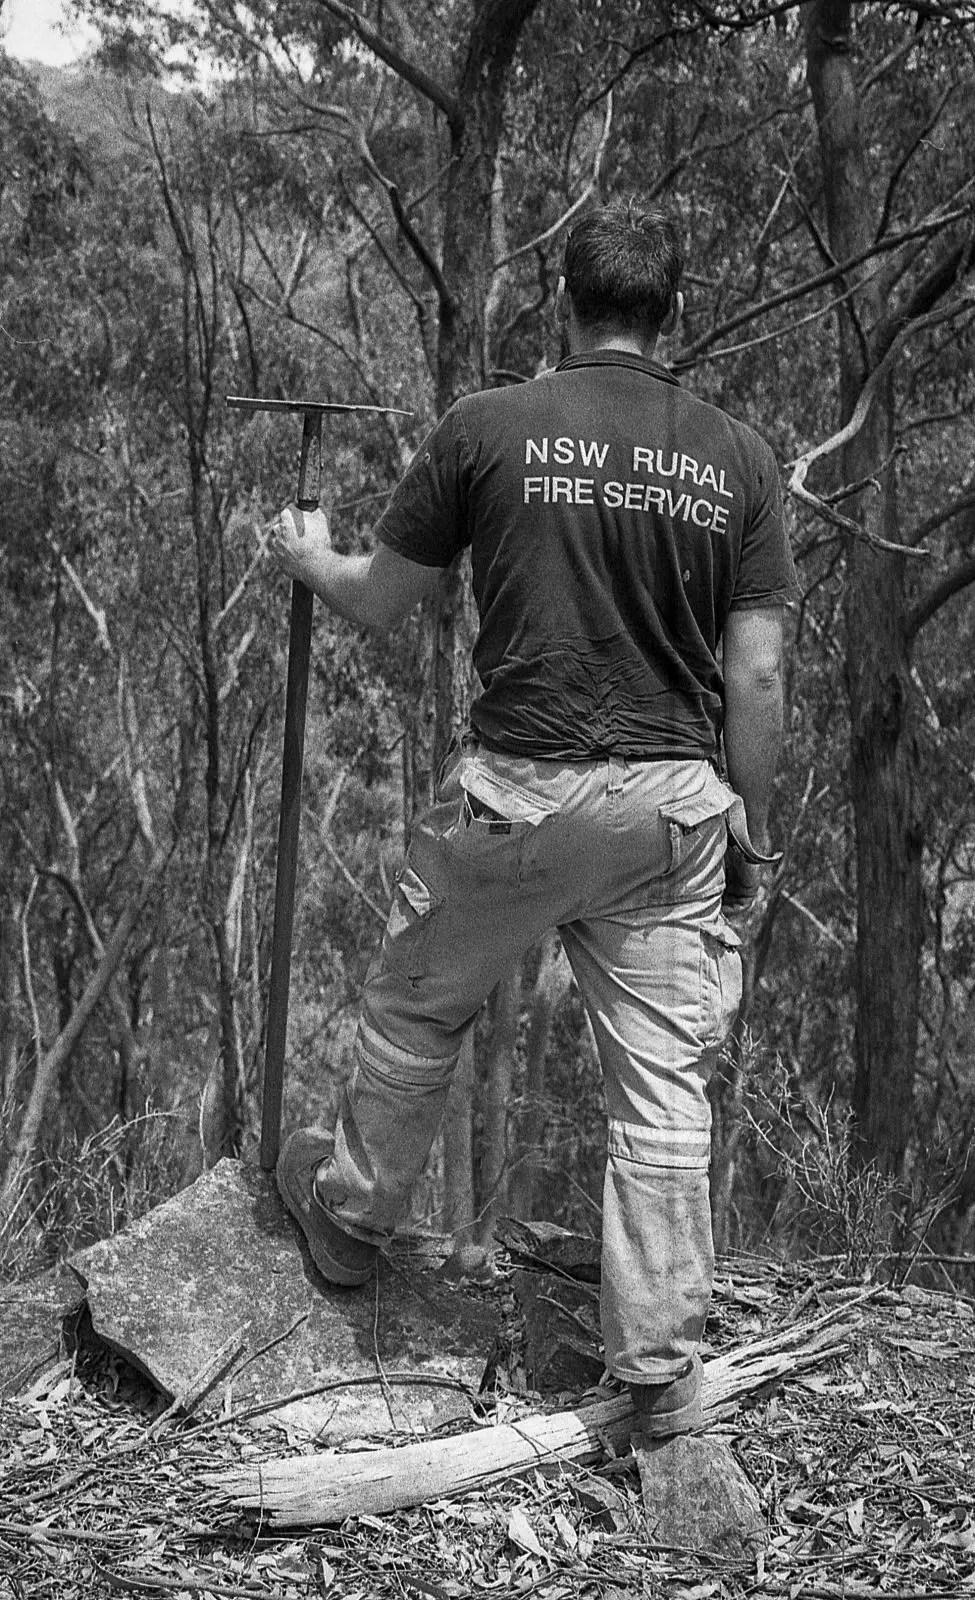 """The Australian NSW bushfires on film - """"Fun Lachie"""" - Olympus OM-2n, 50mm F/1.8, ILFORD HP5 PLUS at EI 800"""